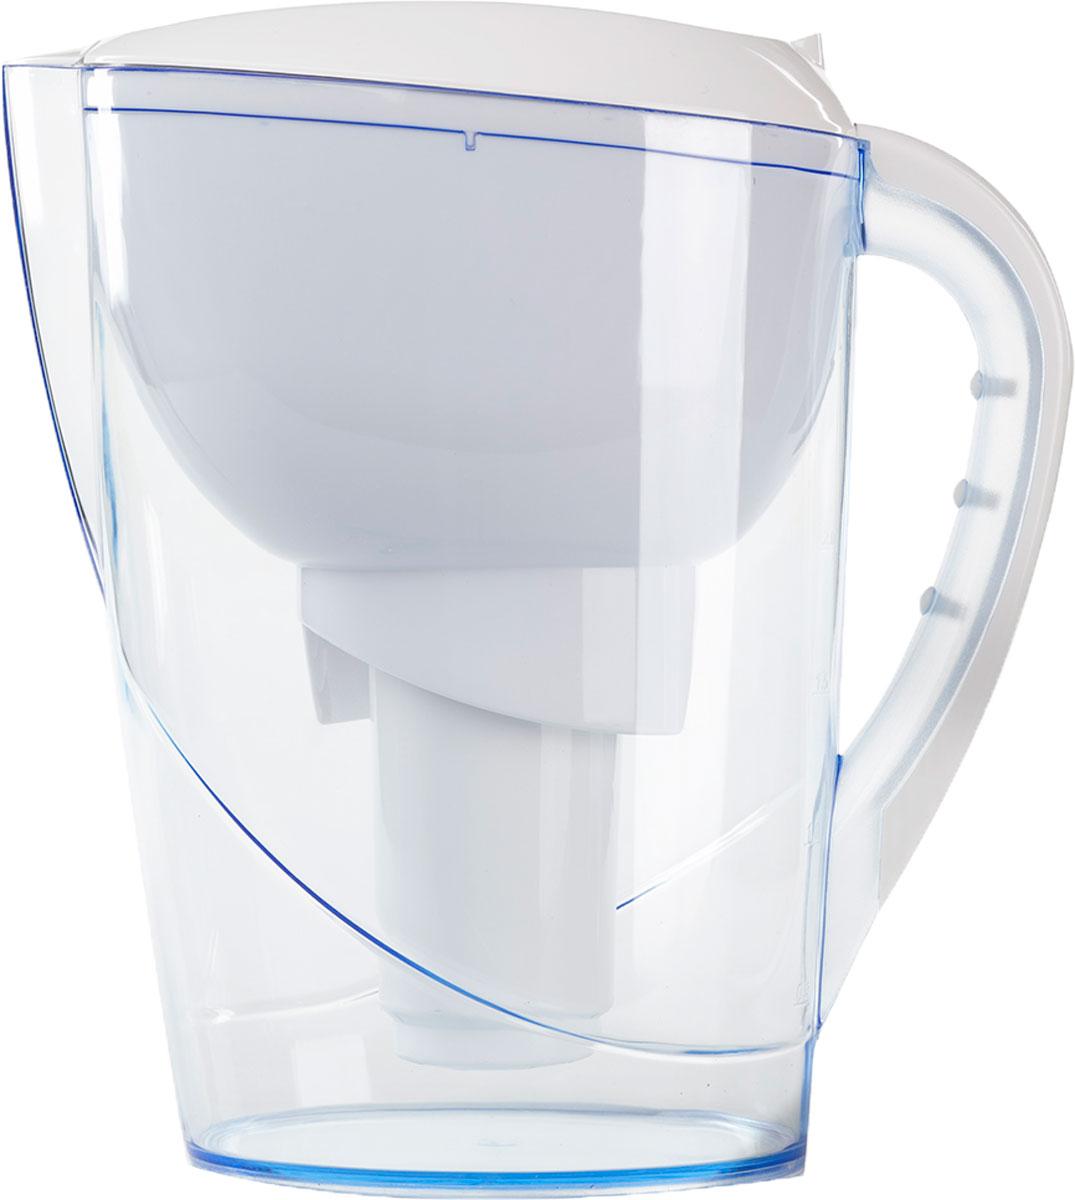 """Фильтр-кувшин для очистки водопроводной и скважиной воды. Кувшин выполнен из высококачественного немецкого пищевого пластика. В крышке фильтра имеется специальный клапан, с помощью которого можно заливать воду, не снимая крышки. Нескользящая ручка позволяет удобно держать кувшин. В комплект Гейзер """"Аквариус"""" входит картридж 501 для фильтра-кувшина, состоящий из уникального материала каталон, ионообменной смолы и кокосового угля. Удаляет ржавчину, растворенное железо, органические соединения, тяжёлые металлы, хлор и др. виды примесей. Содержит активное серебро в несмываемой форме, которое блокирует размножение бактерий. Картридж вкручивается в приемную воронку кувшина, обеспечивая герметичное соединение, что позволяет исключить протечку исходной воды в отфильтрованную.   Преимущества Фильтра-кувшина Гейзер """"Аквариус"""":  - Картридж с материалом каталон (100 % защита от вирусов).  - Специальный клапан для заливки воды.  - Нескользящая ручка и сбалансированный центр тяжести.  - Механический индикатор ресурса.   В комплекте: картридж Гейзер 501. Ресурс: 300 литров.   Дополнительная информация:  Общий объем кувшина: 3,7 л.  Объем приемной воронки: 1,4 л.  Полезный объем: 2 л.  Ресурс: 300 л.  Температура очищаемой воды: до +40 °С.  Скорость очистки: от 0,4 до 0,2 л/мин."""